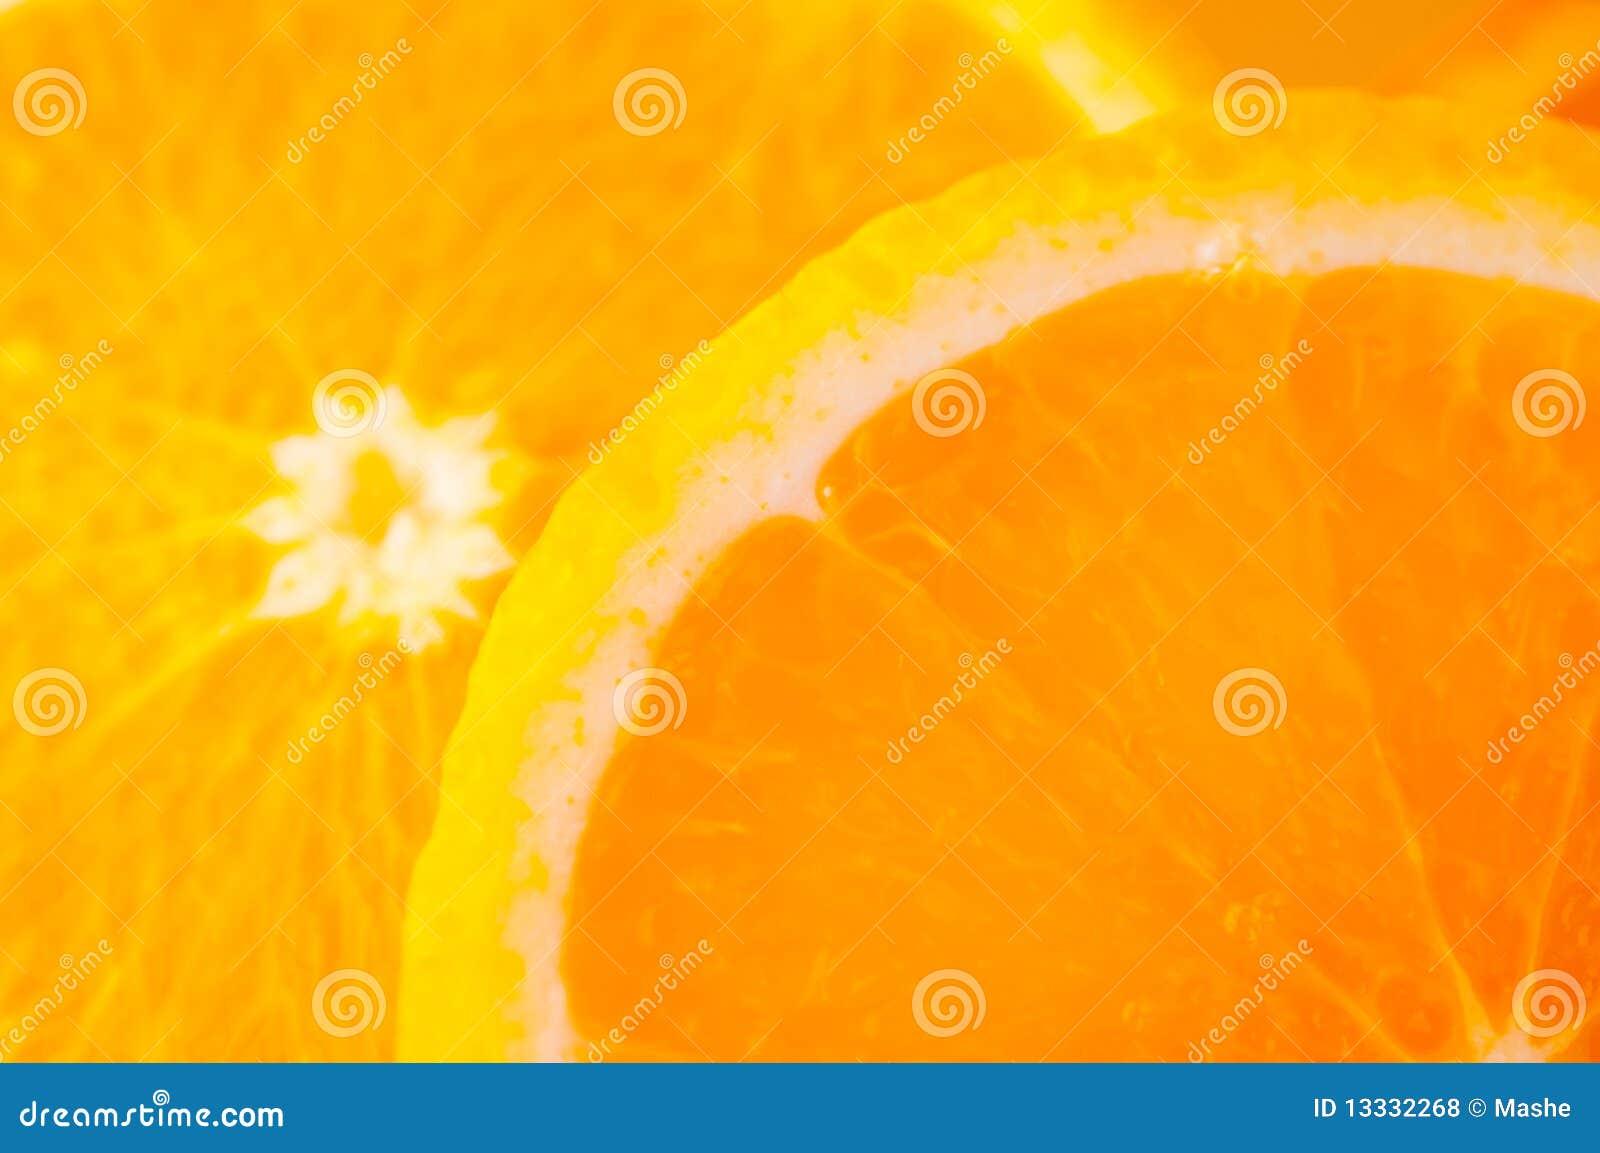 Part orange